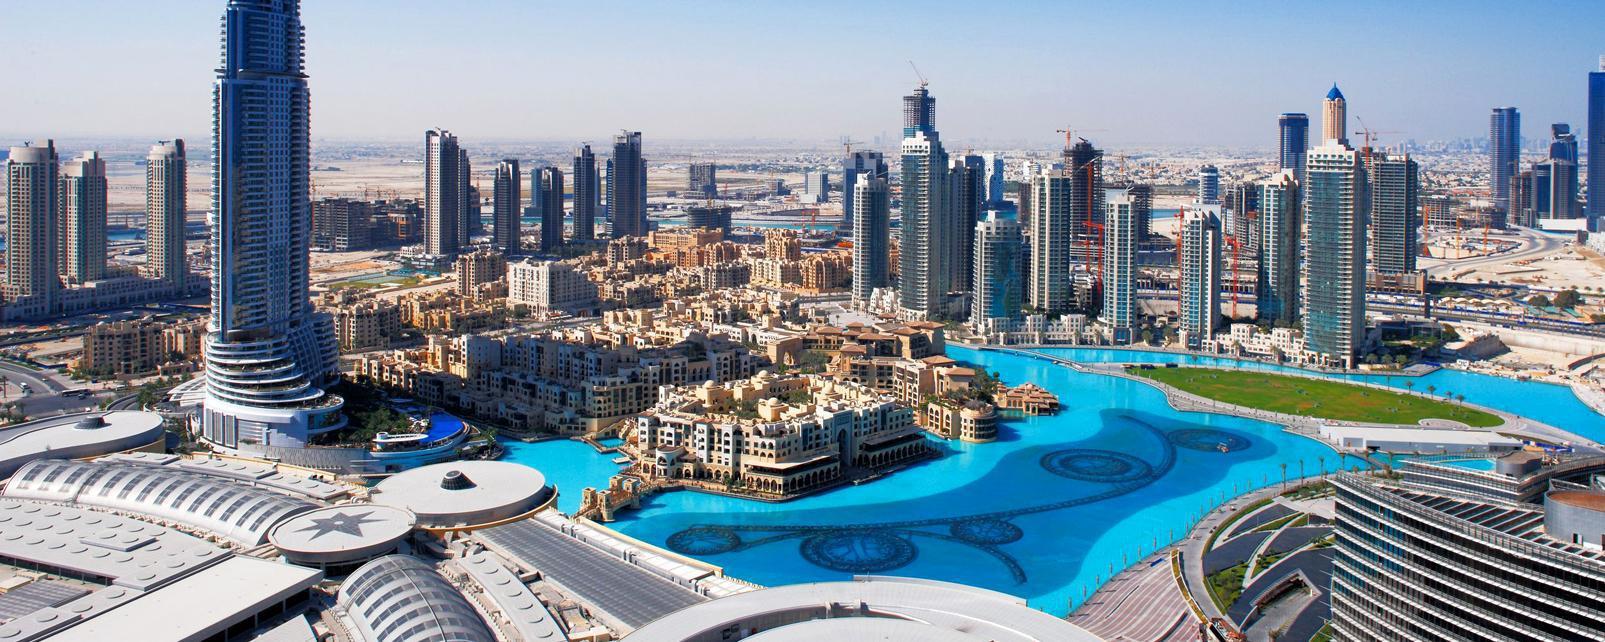 Volo Hotel Dubai